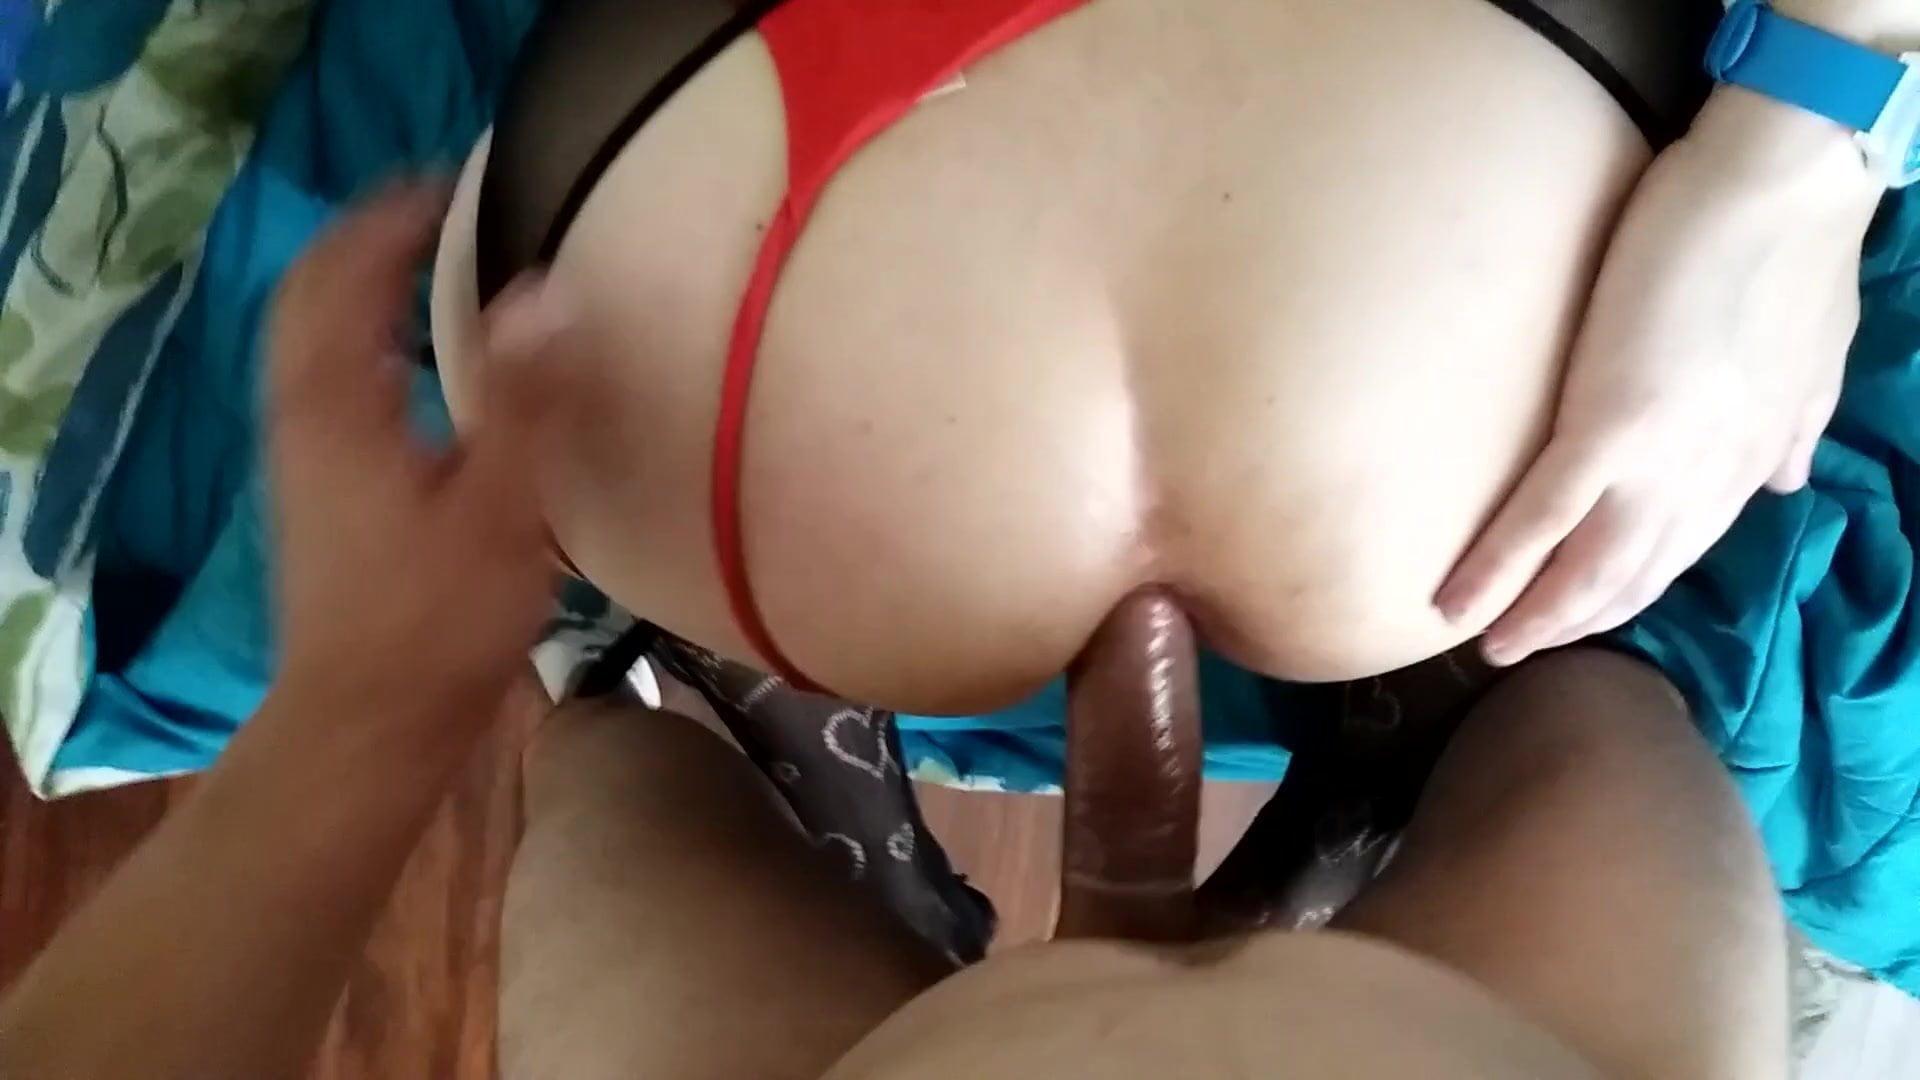 Amigos Porno Hetero colombiano dotado hetero follandome duro